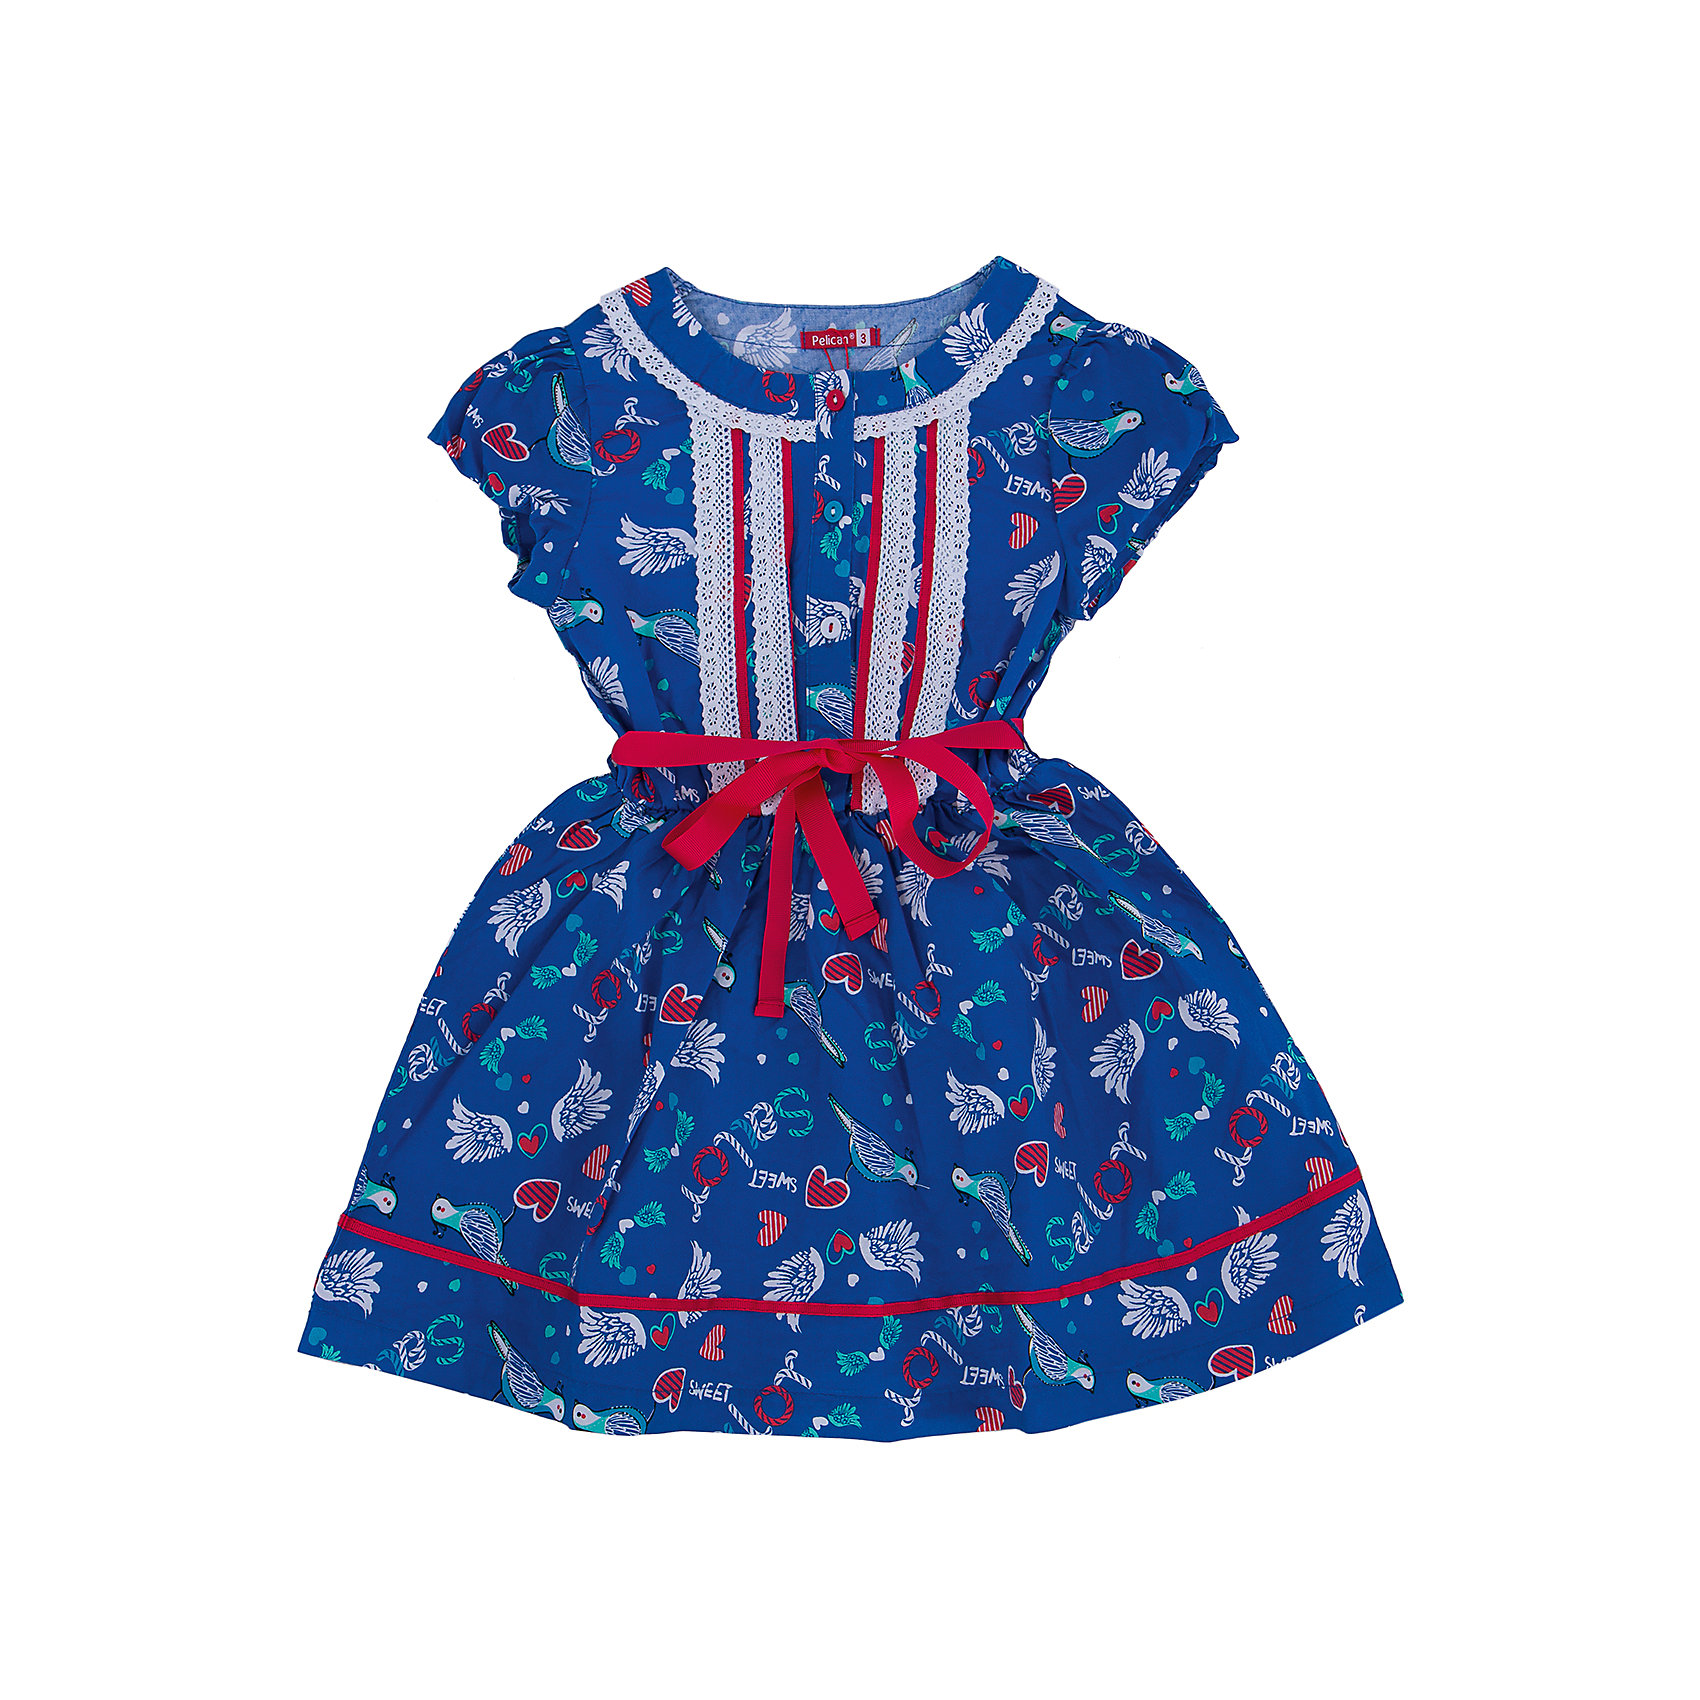 Платье для девочки PELICANПлатья и сарафаны<br>Легкое платье для девочки смотрится очень нарядно. Оно поможет разнообразить гардероб ребенка, создать подходящий погоде ансамбль. Удобный крой и качественный материал обеспечат ребенку комфорт при ношении этих вещей. <br>Платье декорировано ярким принтом и кружевами. Рукава короткие. Пояс обработан контрастной тканью. Материал платья состоит из дышащего натурального хлопка, гипоаллергенного, отлично подходящего для детской одежды. <br><br>Дополнительная информация:<br><br>материал: 100% хлопок;<br>цвет: синий;<br>кружева;<br>рукава короткие.<br><br>Платье для девочки от бренда PELICAN (Пеликан) можно купить в нашем магазине.<br><br>Ширина мм: 236<br>Глубина мм: 16<br>Высота мм: 184<br>Вес г: 177<br>Цвет: синий<br>Возраст от месяцев: 48<br>Возраст до месяцев: 60<br>Пол: Женский<br>Возраст: Детский<br>Размер: 110,116,104,98<br>SKU: 4805174